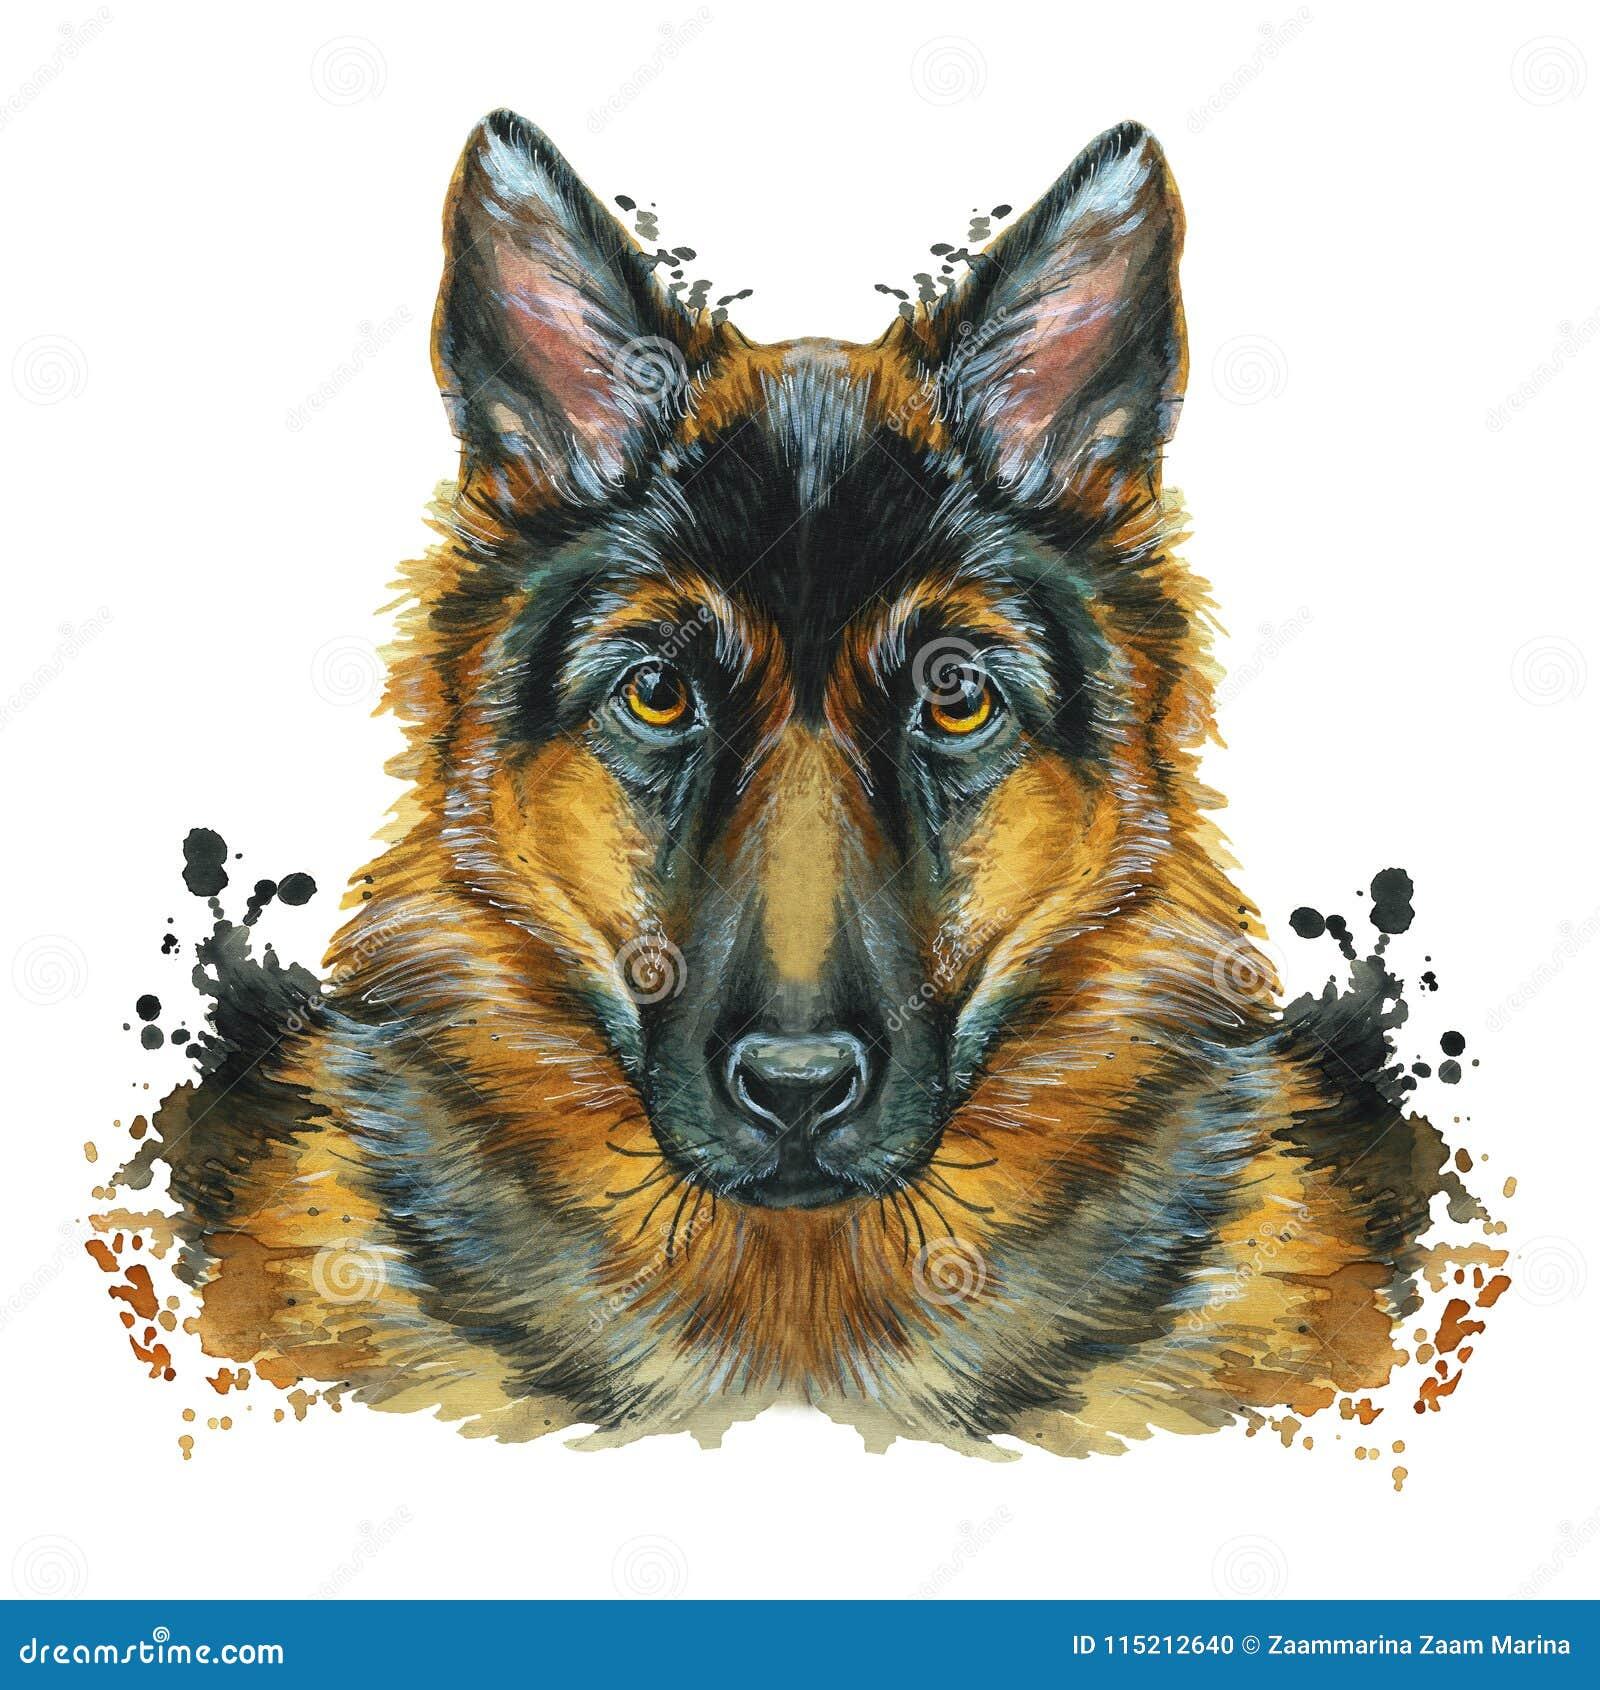 Waterverfprintshop, druk op het thema van het ras van honden, zoogdieren, dieren, rassenduitse herder, portret, kleuren rood-zwar